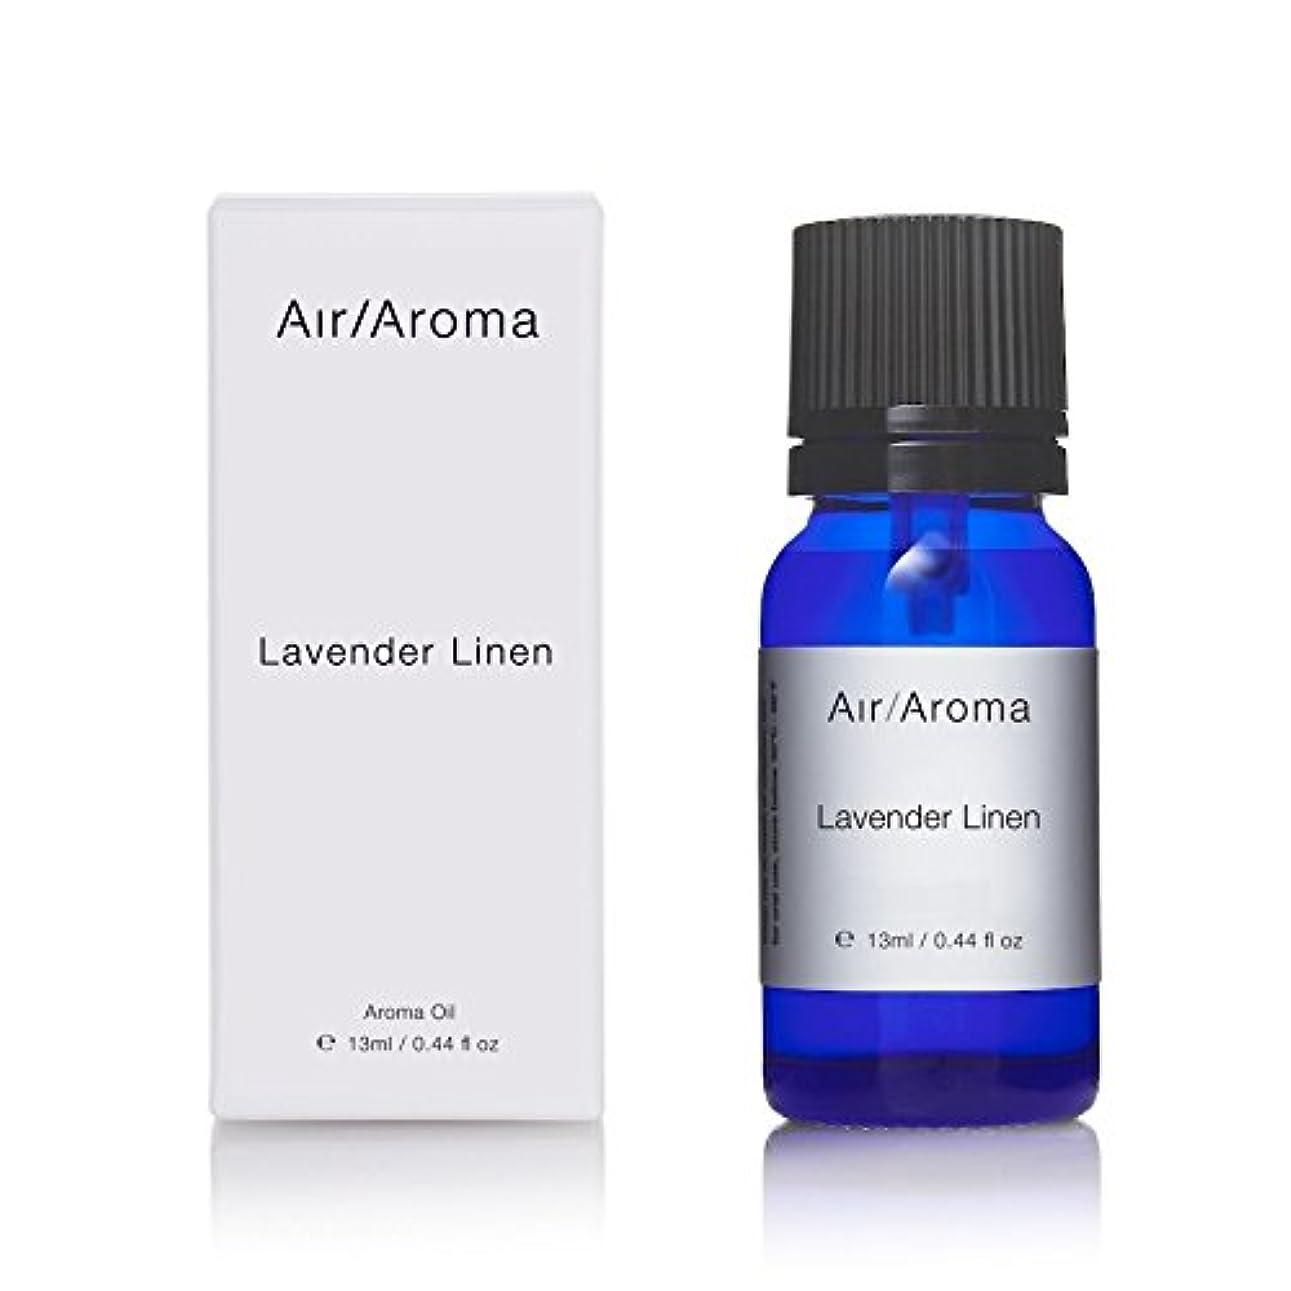 空いている劇場セントエアアロマ lavender linen (ラベンダーリネン) 13ml